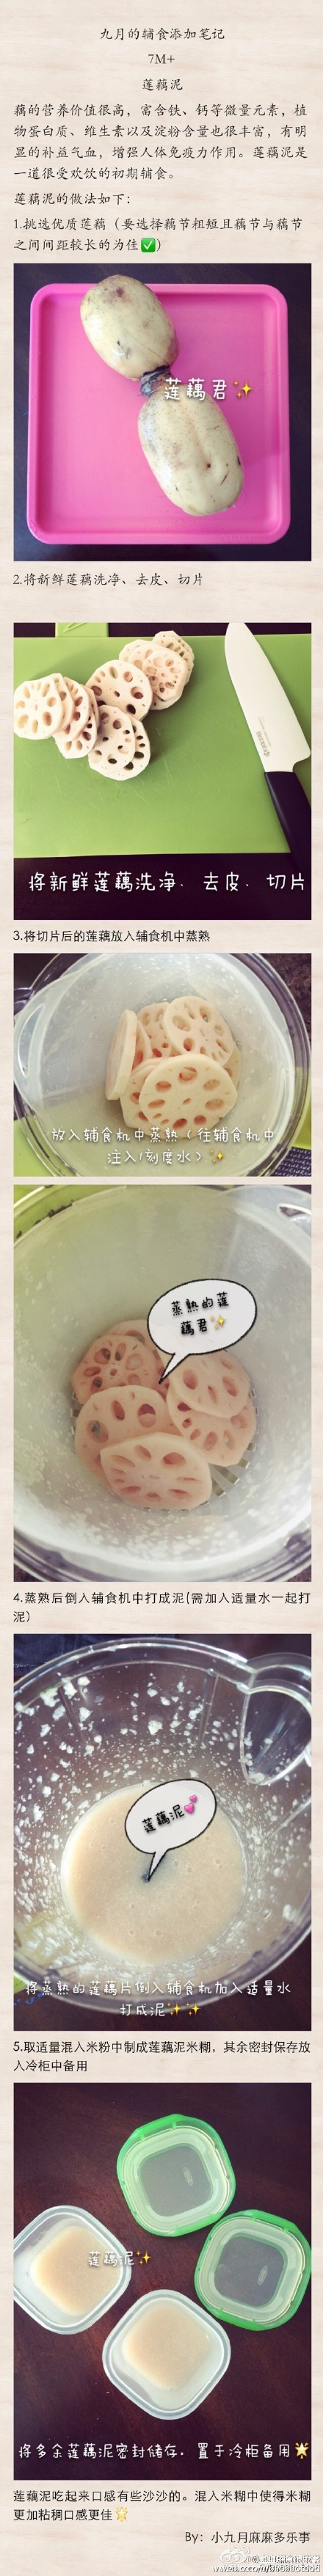 莲藕泥适合7个月以上的宝宝,莲藕熟用有补益脾胃,益血生肌的功效哦~